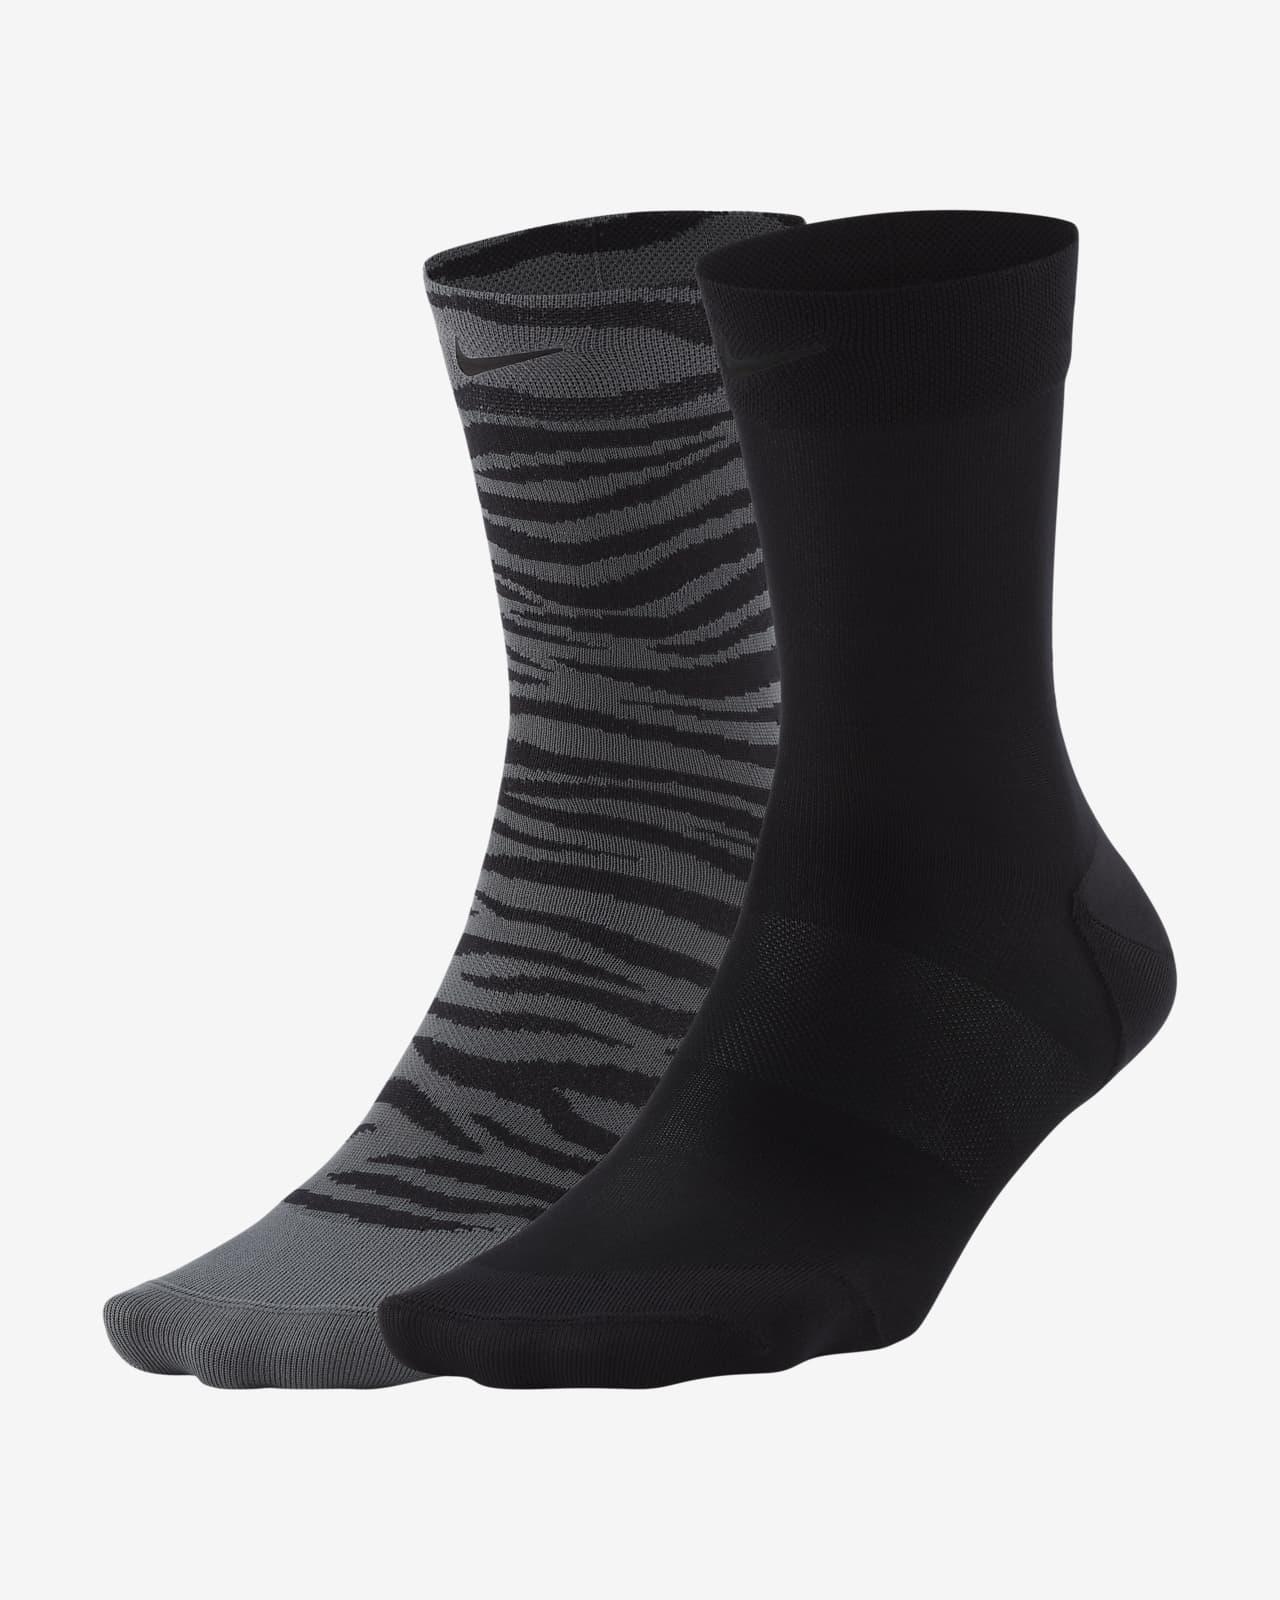 Calcetines hasta el tobillo de entrenamiento para mujer Nike Sheer (2 pares)